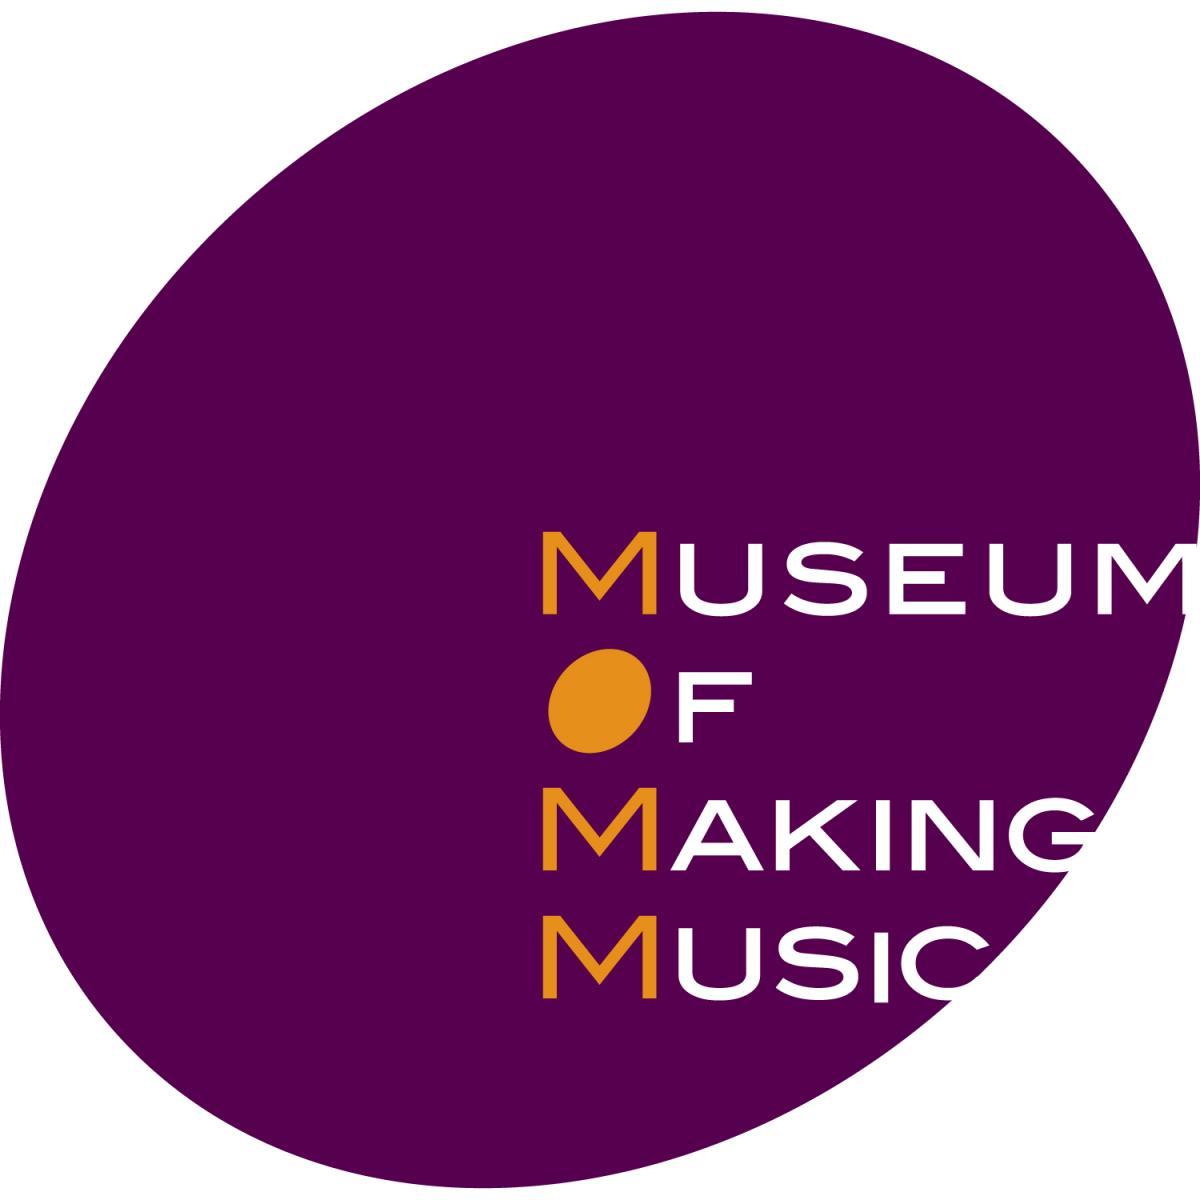 museumofmakingmusic_logo.jpg